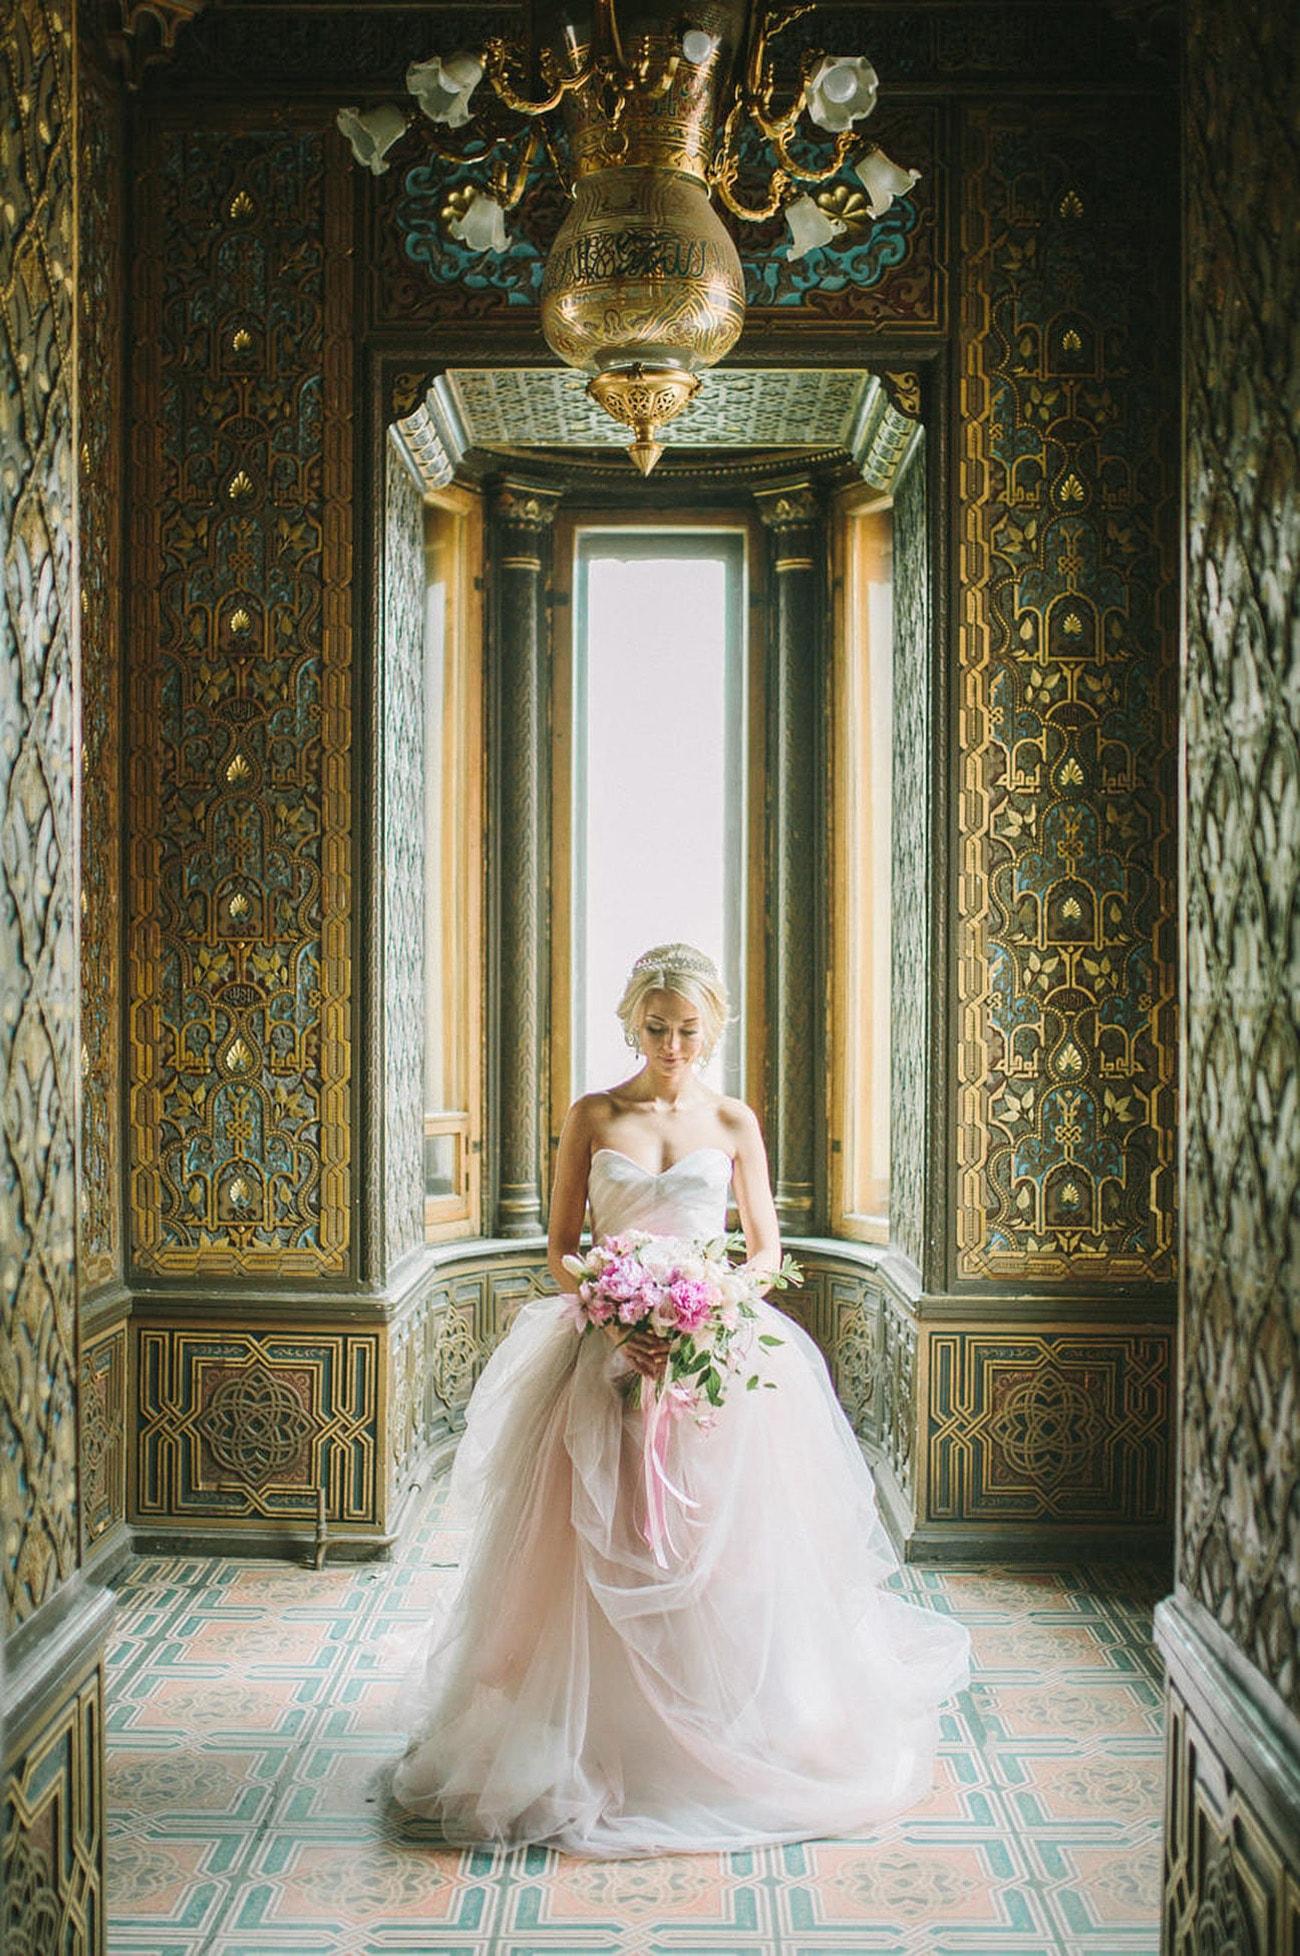 Hourglass Wedding Dress Ballgown